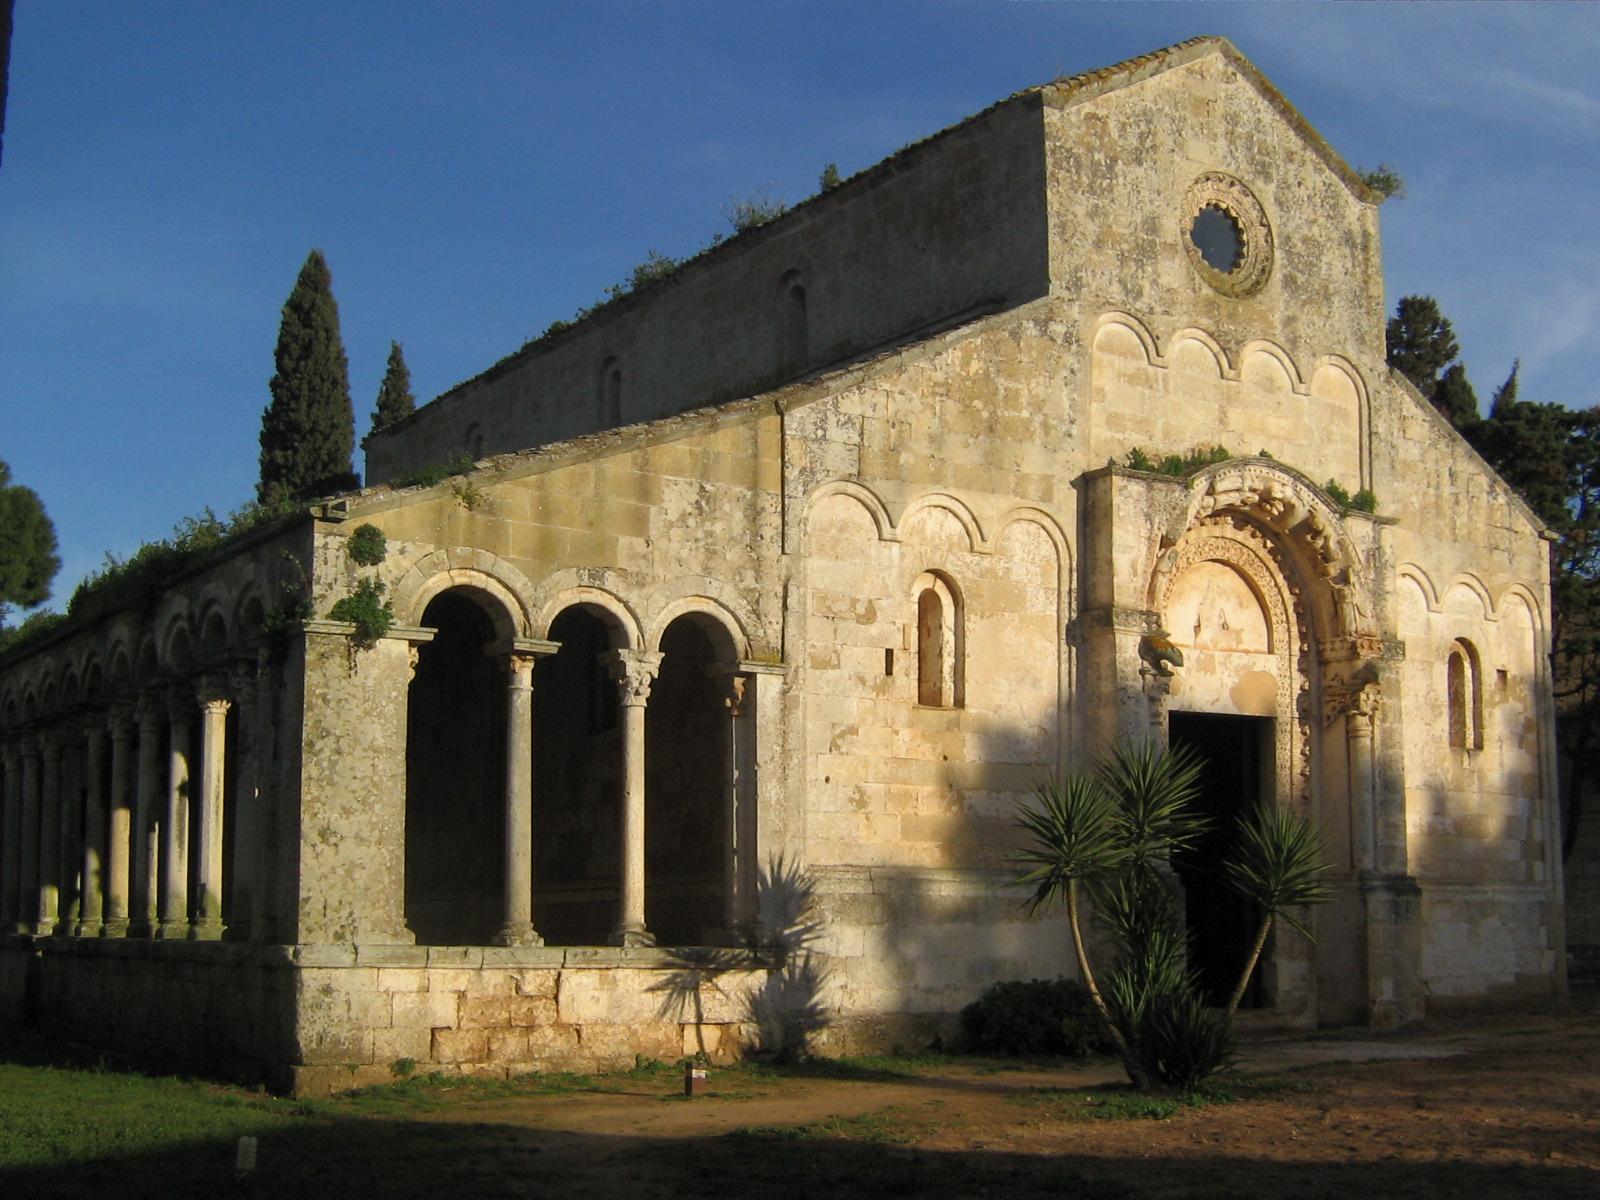 Santa Maria Cerrate